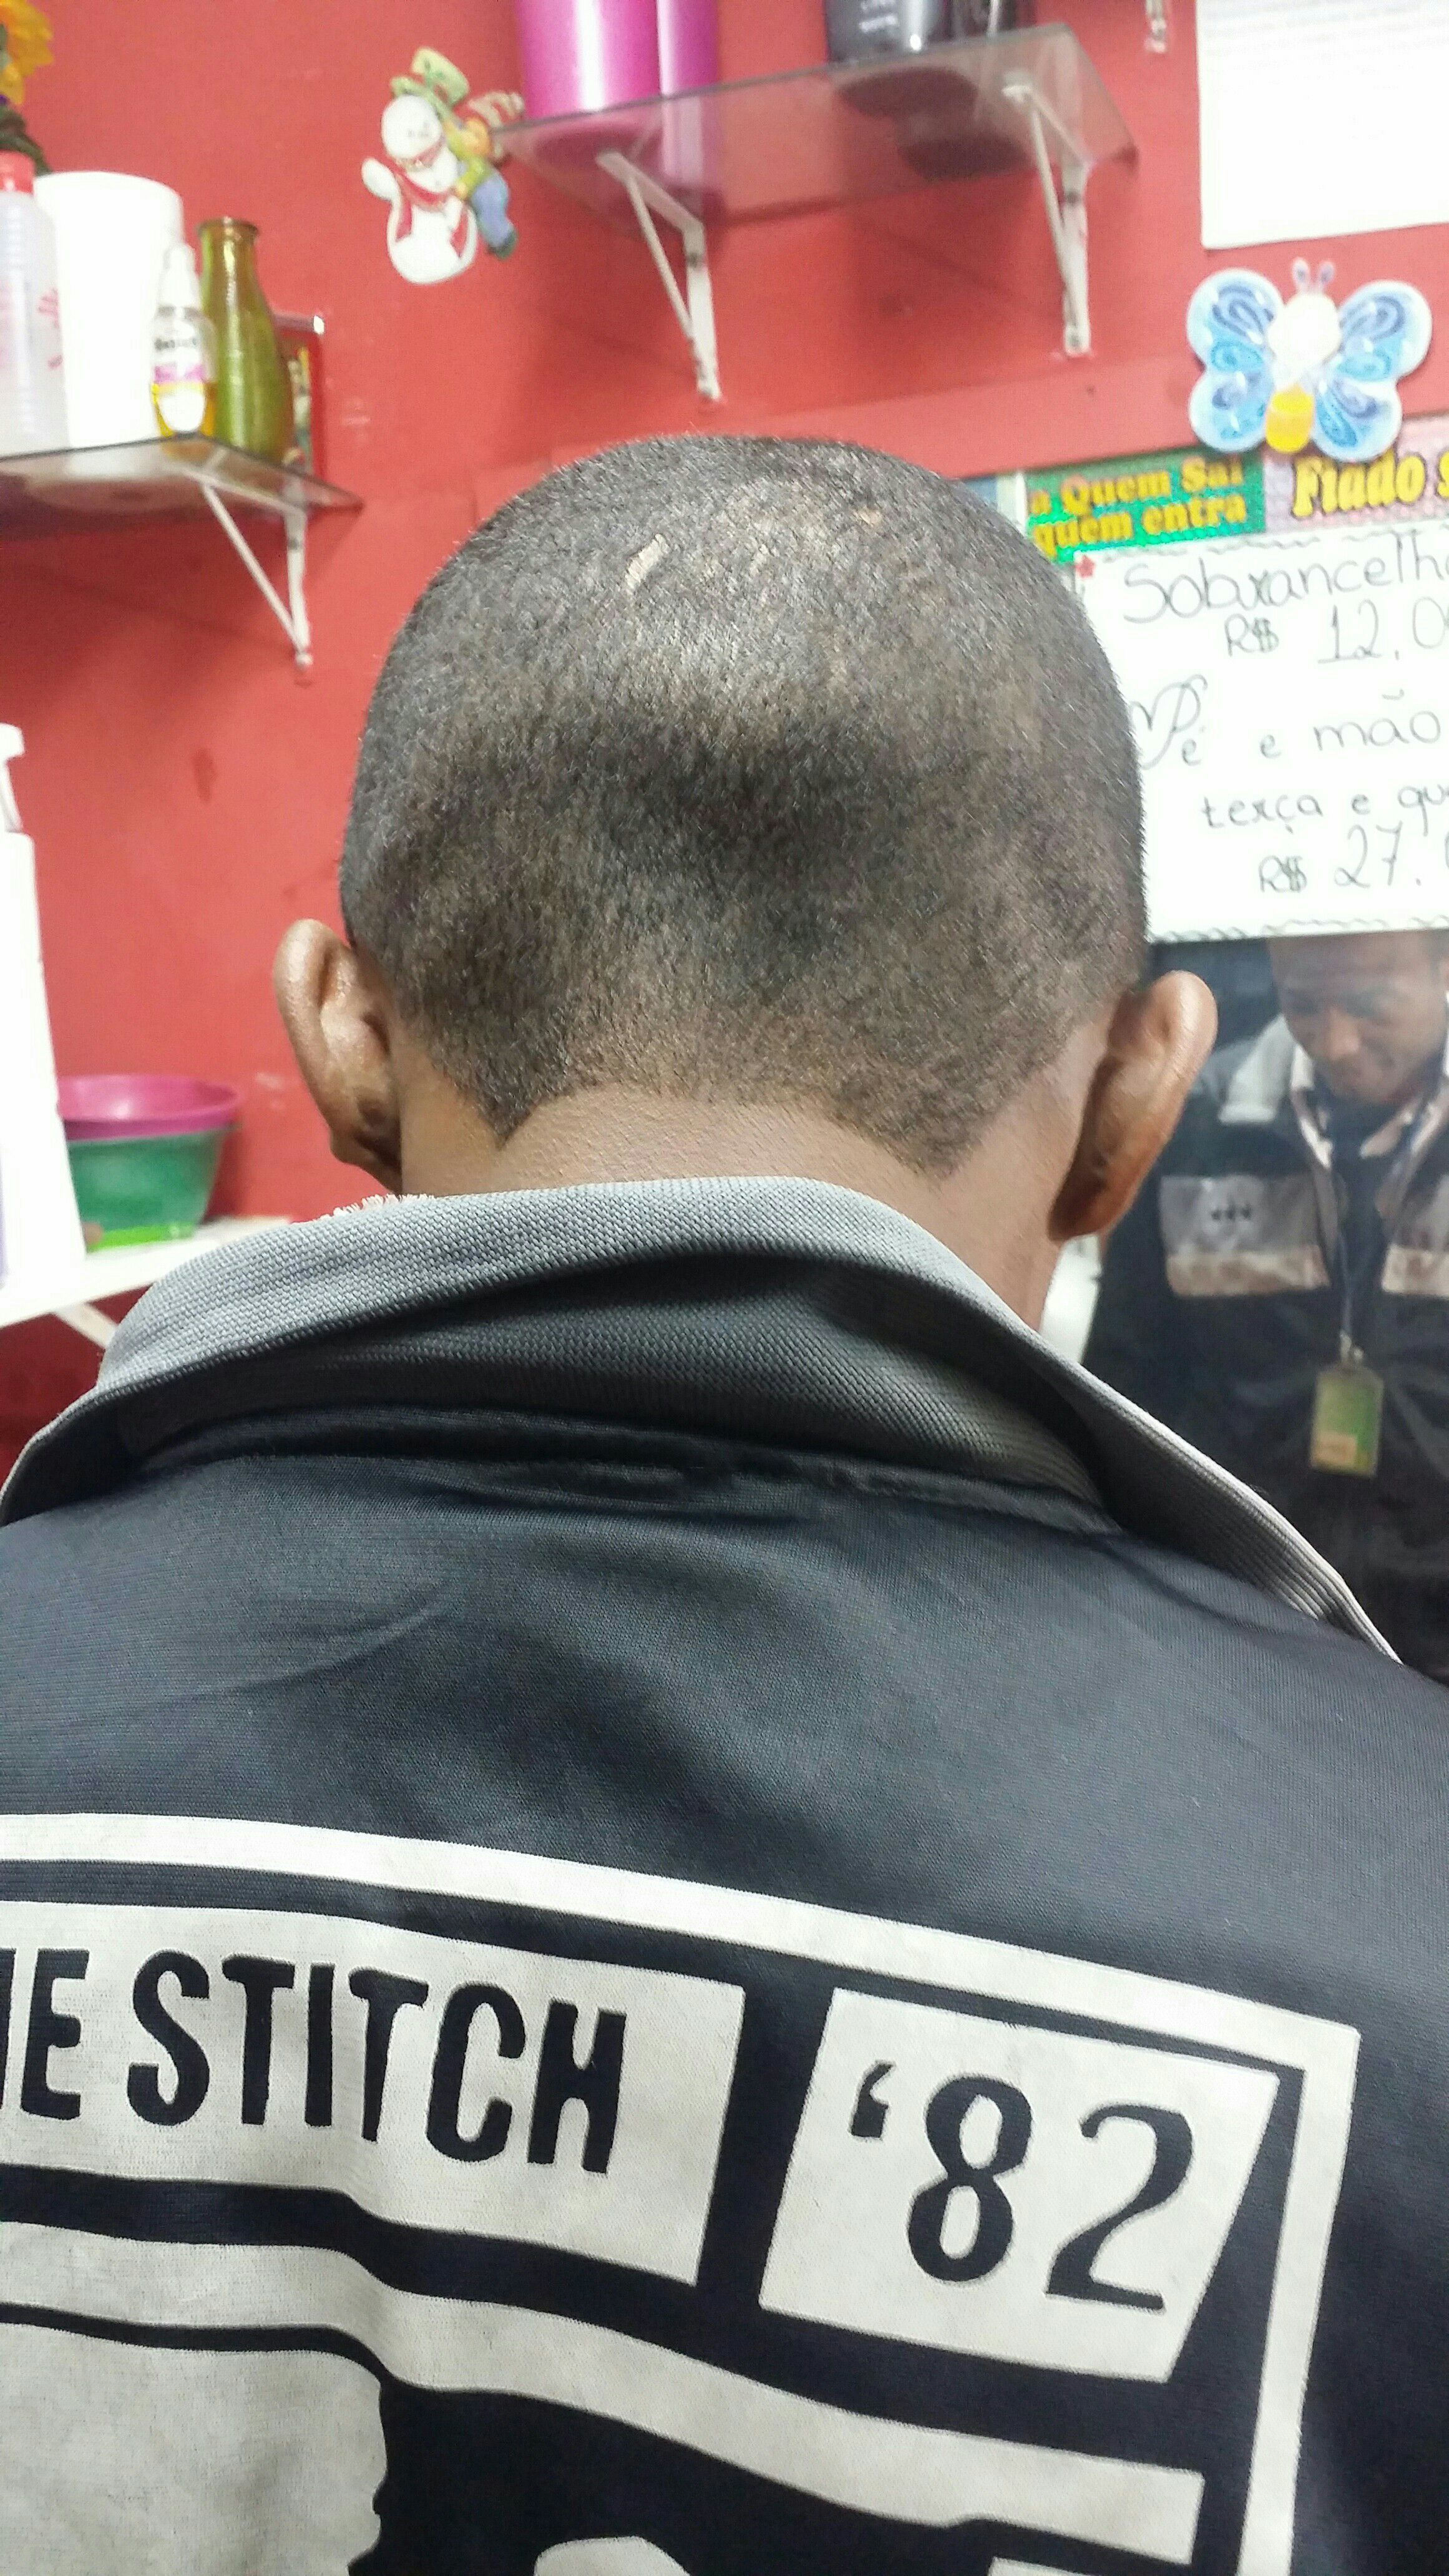 cabelo barbeiro(a) auxiliar cabeleireiro(a)